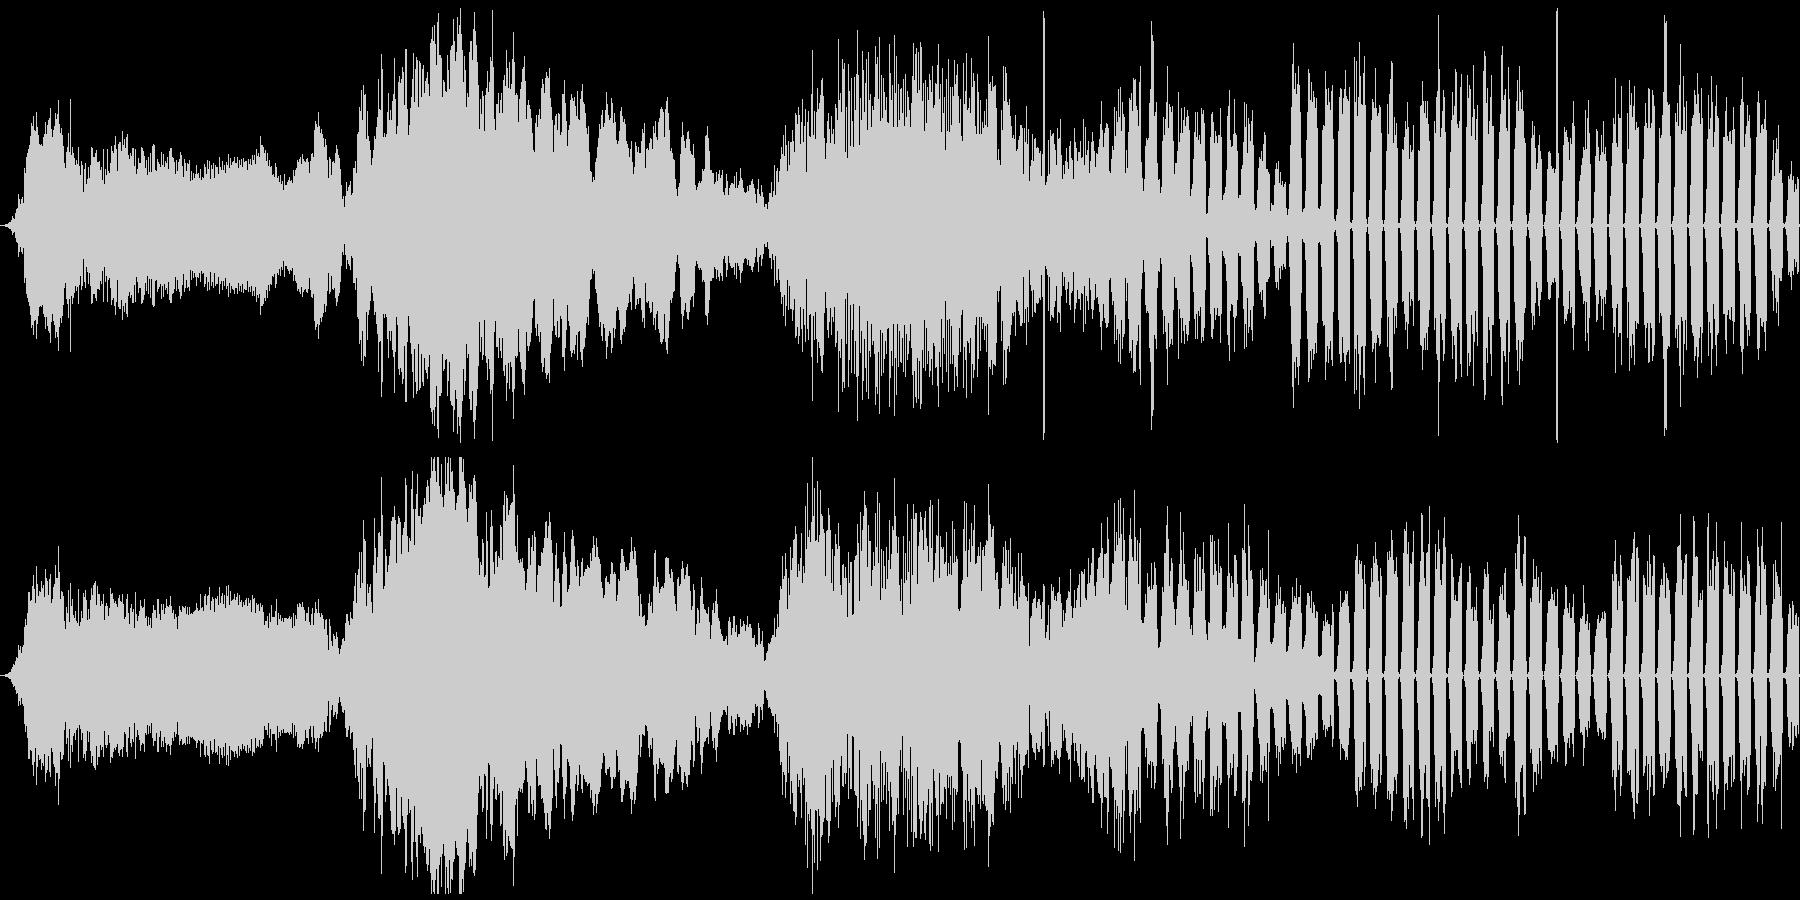 【ホラー/ファンタジー/ゲーム】の未再生の波形